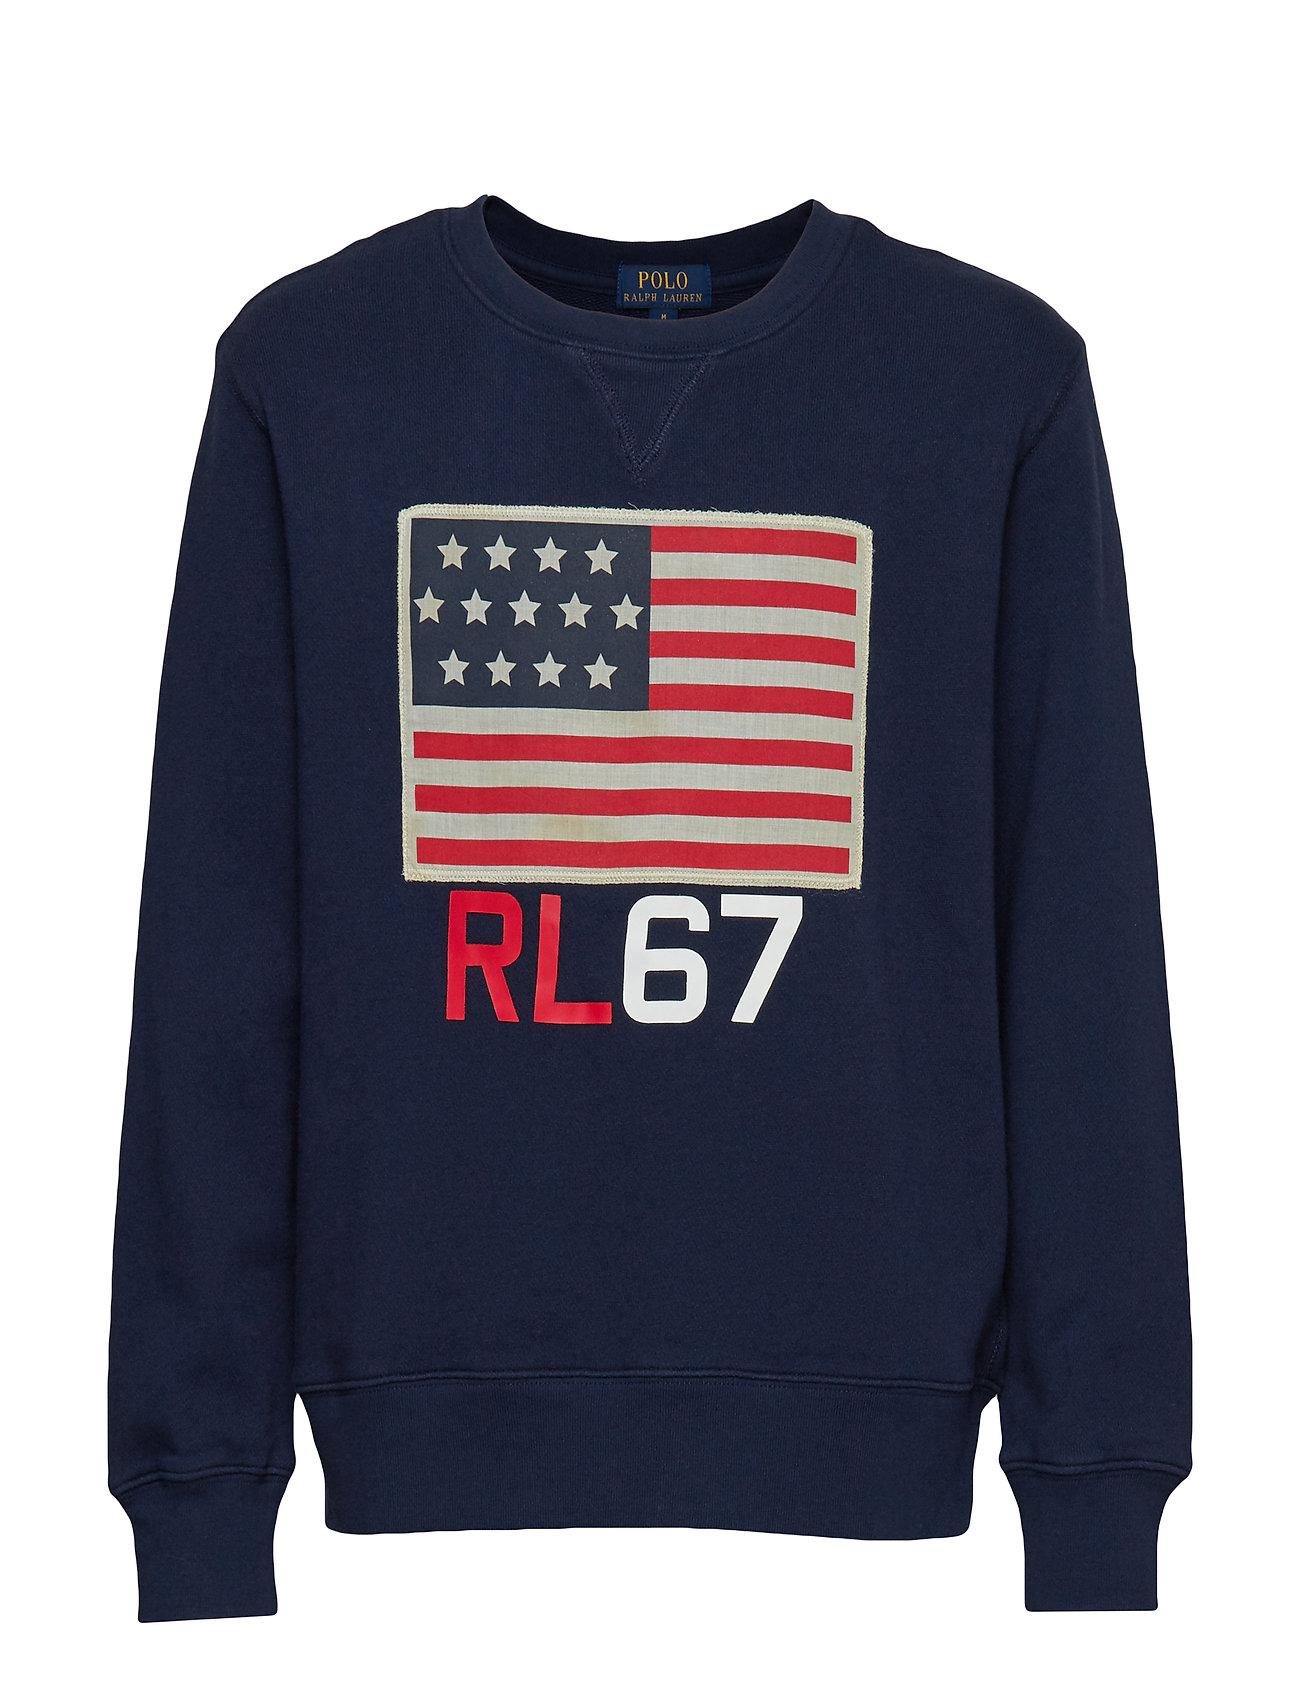 Ralph Lauren Kids Flag Cotton Terry Sweatshirt - NEWPORT NAVY